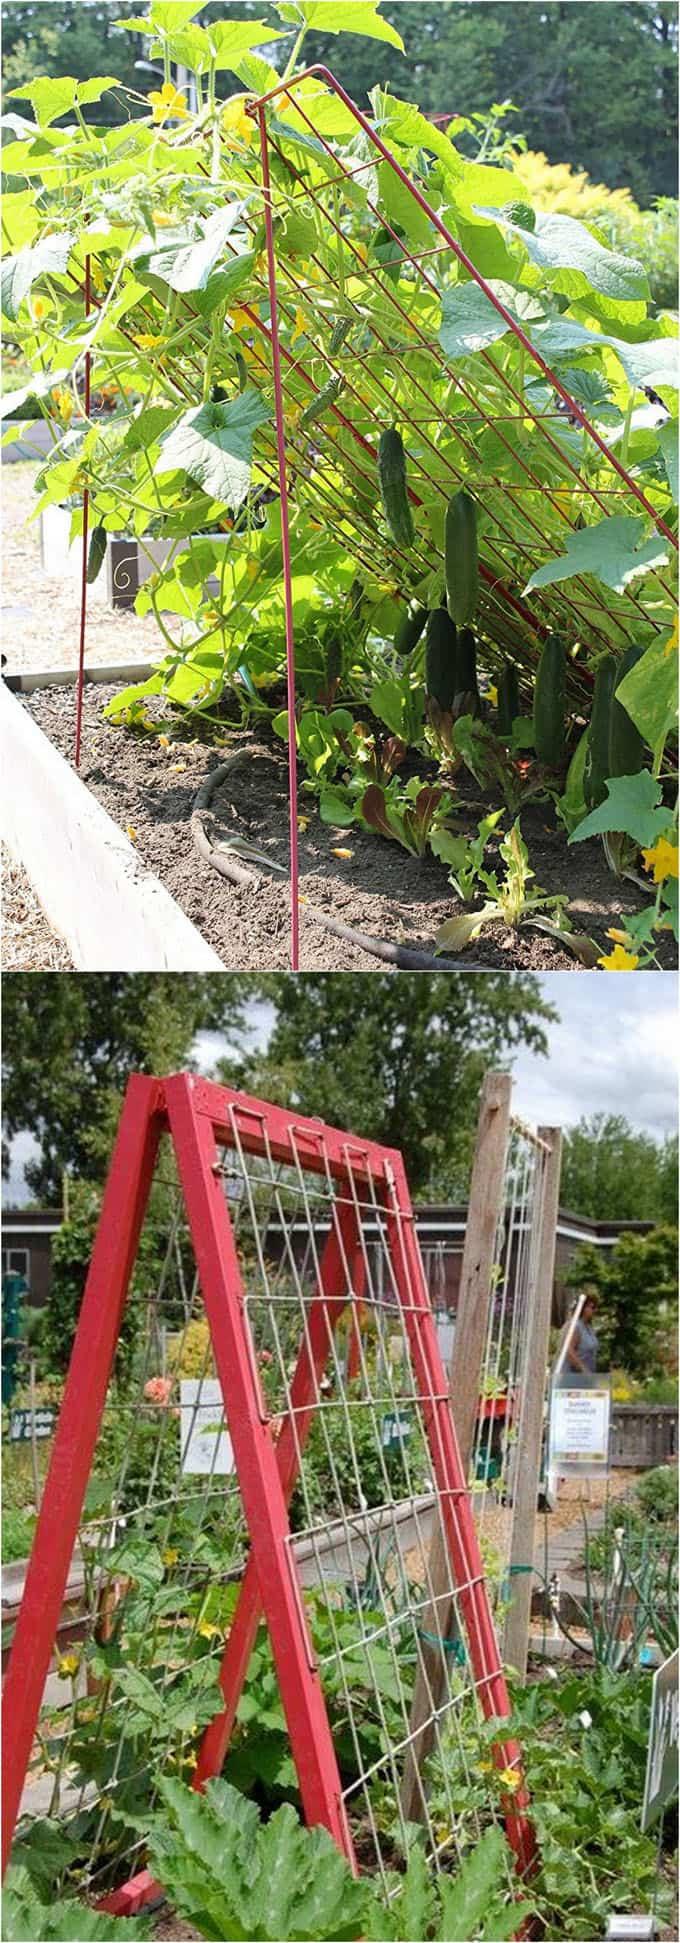 Simphome.com easy diy garden trellis ideas vertical growing structures 1